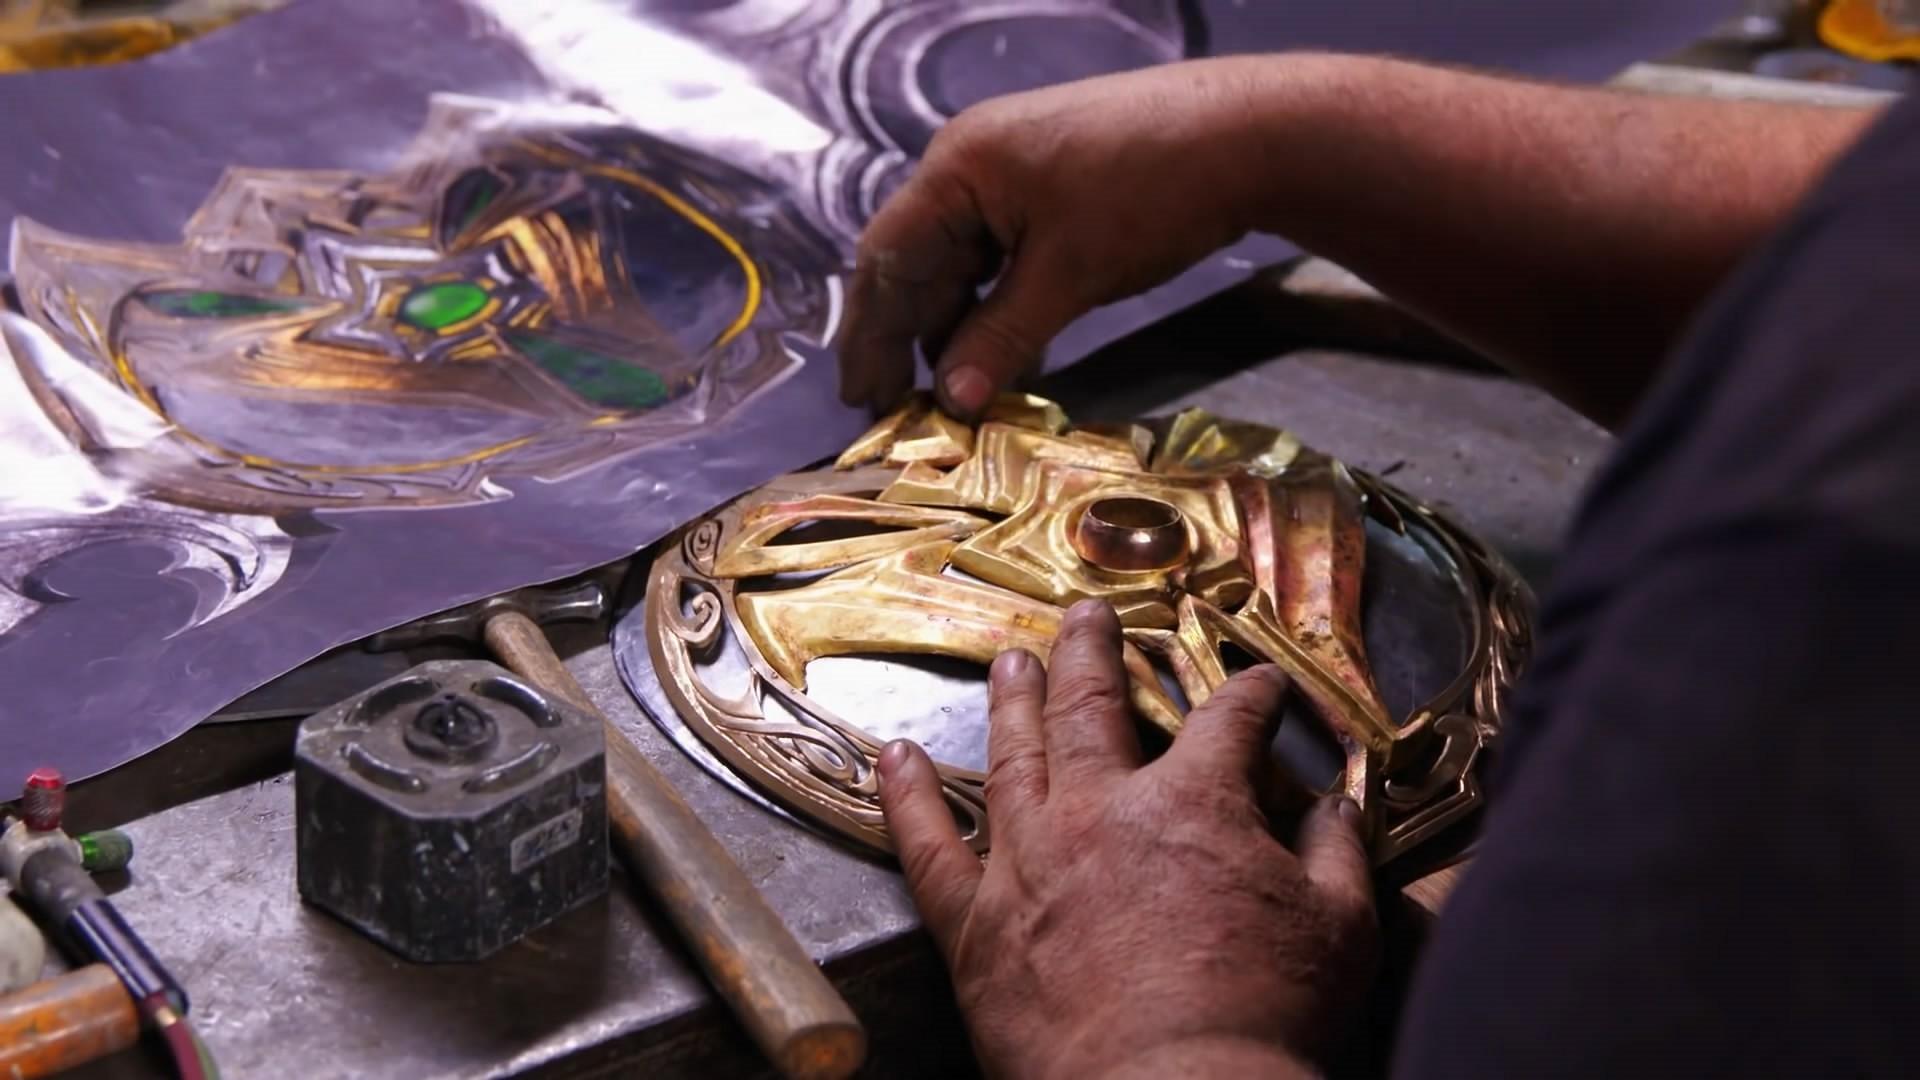 外国知名铁匠打造埃辛诺斯战刃